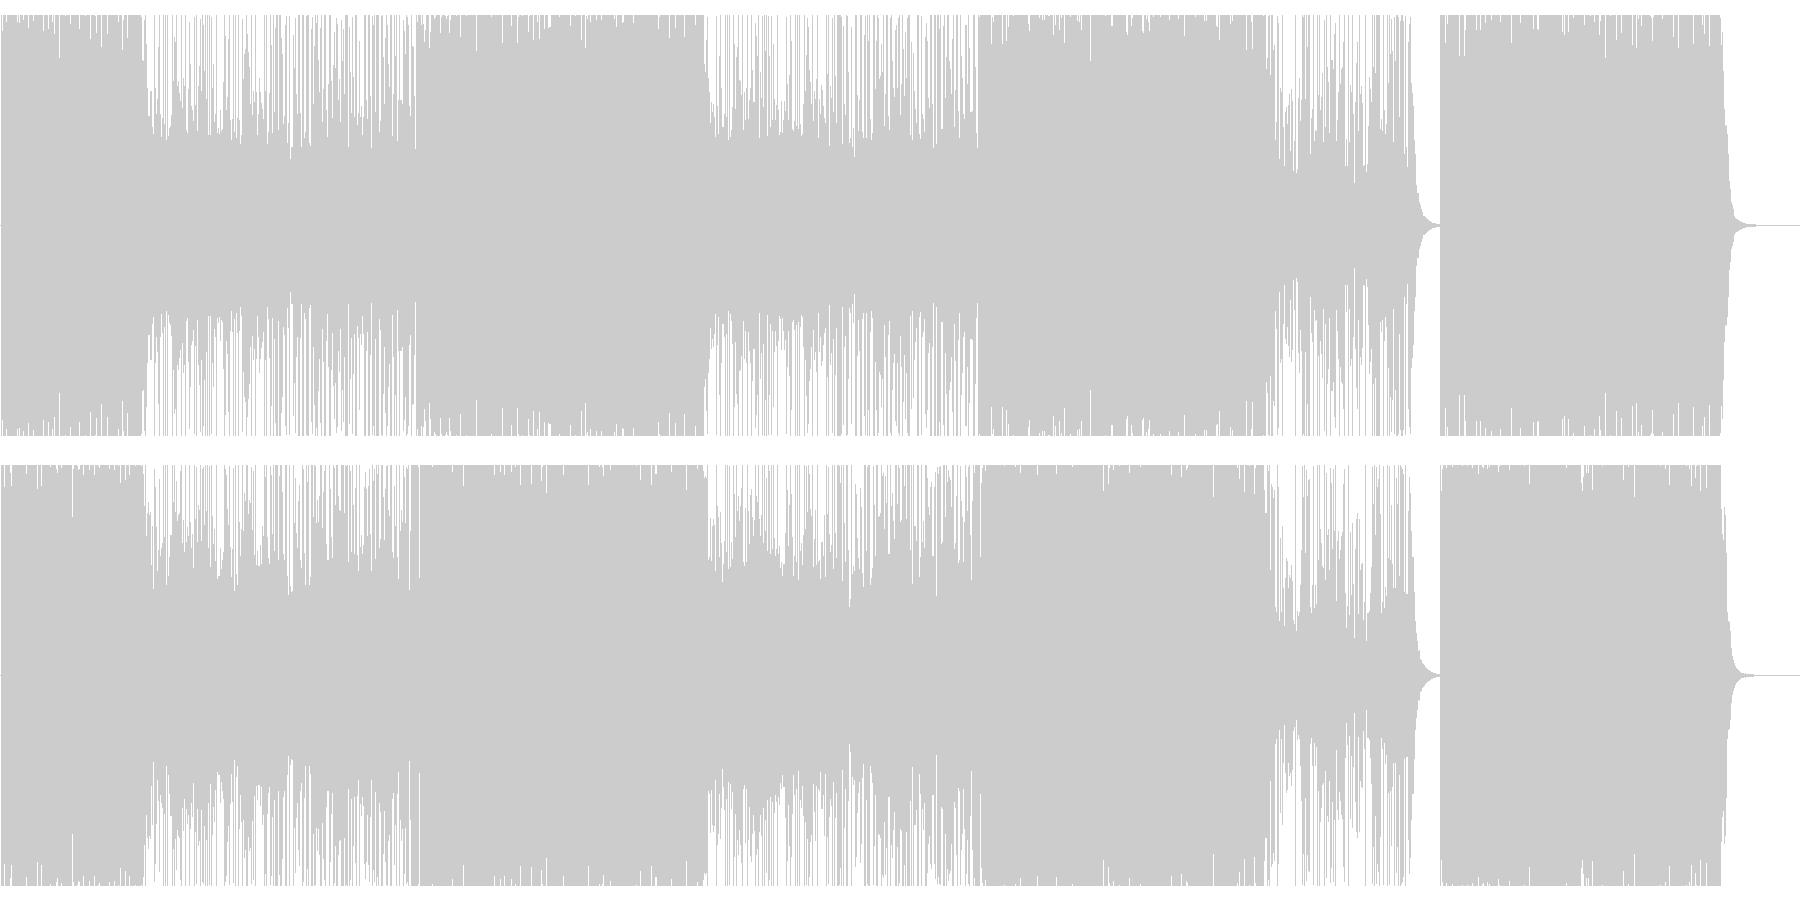 ヒップホップ/バイオリン/クランク808の未再生の波形